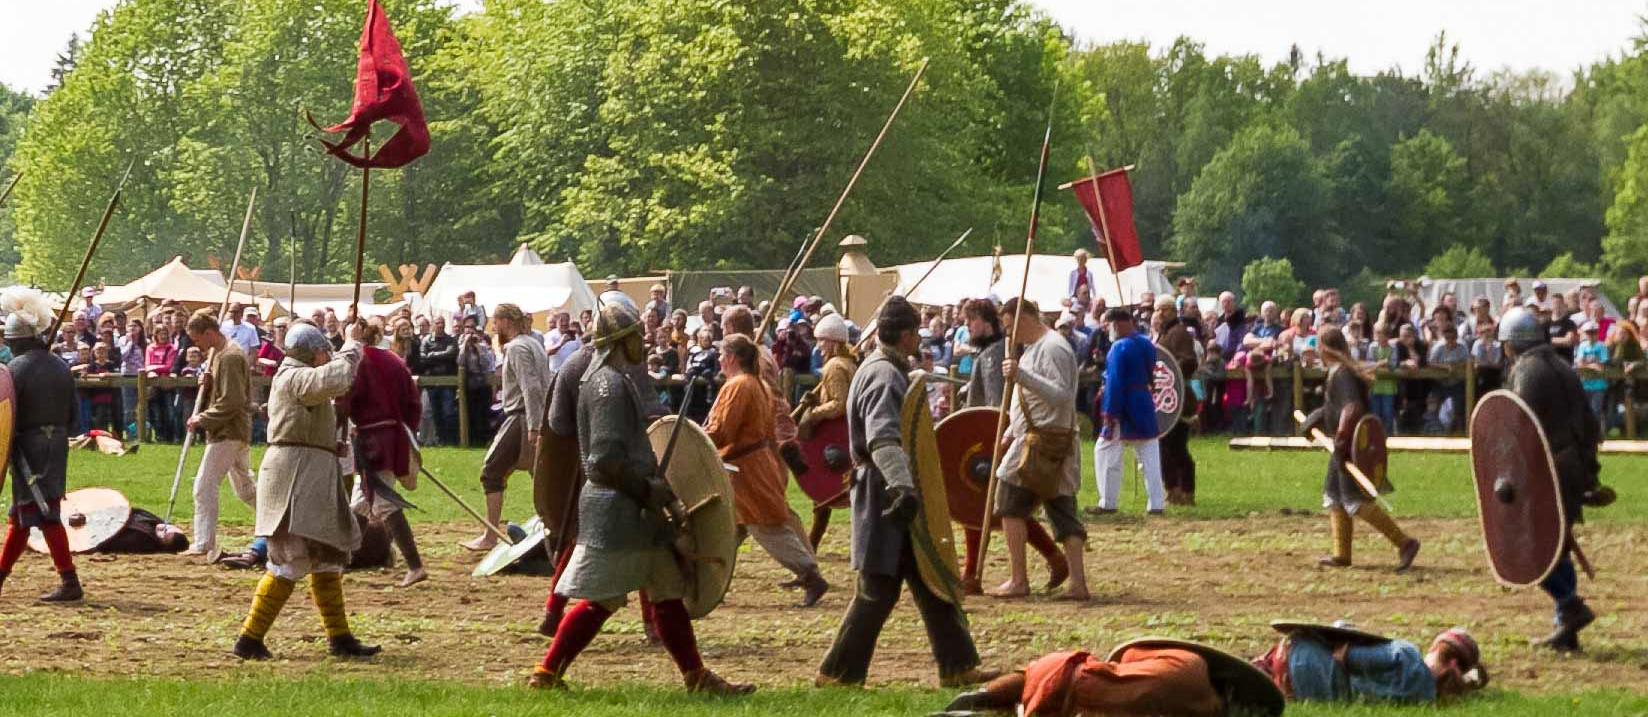 """Im Erlebniswald Trappenkamp tauchten Tausende Besucher in das Jahr 798 ein. Für ganz besondere Eindrücke zum Spektakel der """"Schlacht bei Suentana"""" sorgten fast 500 Kämpfer und ein eindrucksvolles Mittelalterlager"""